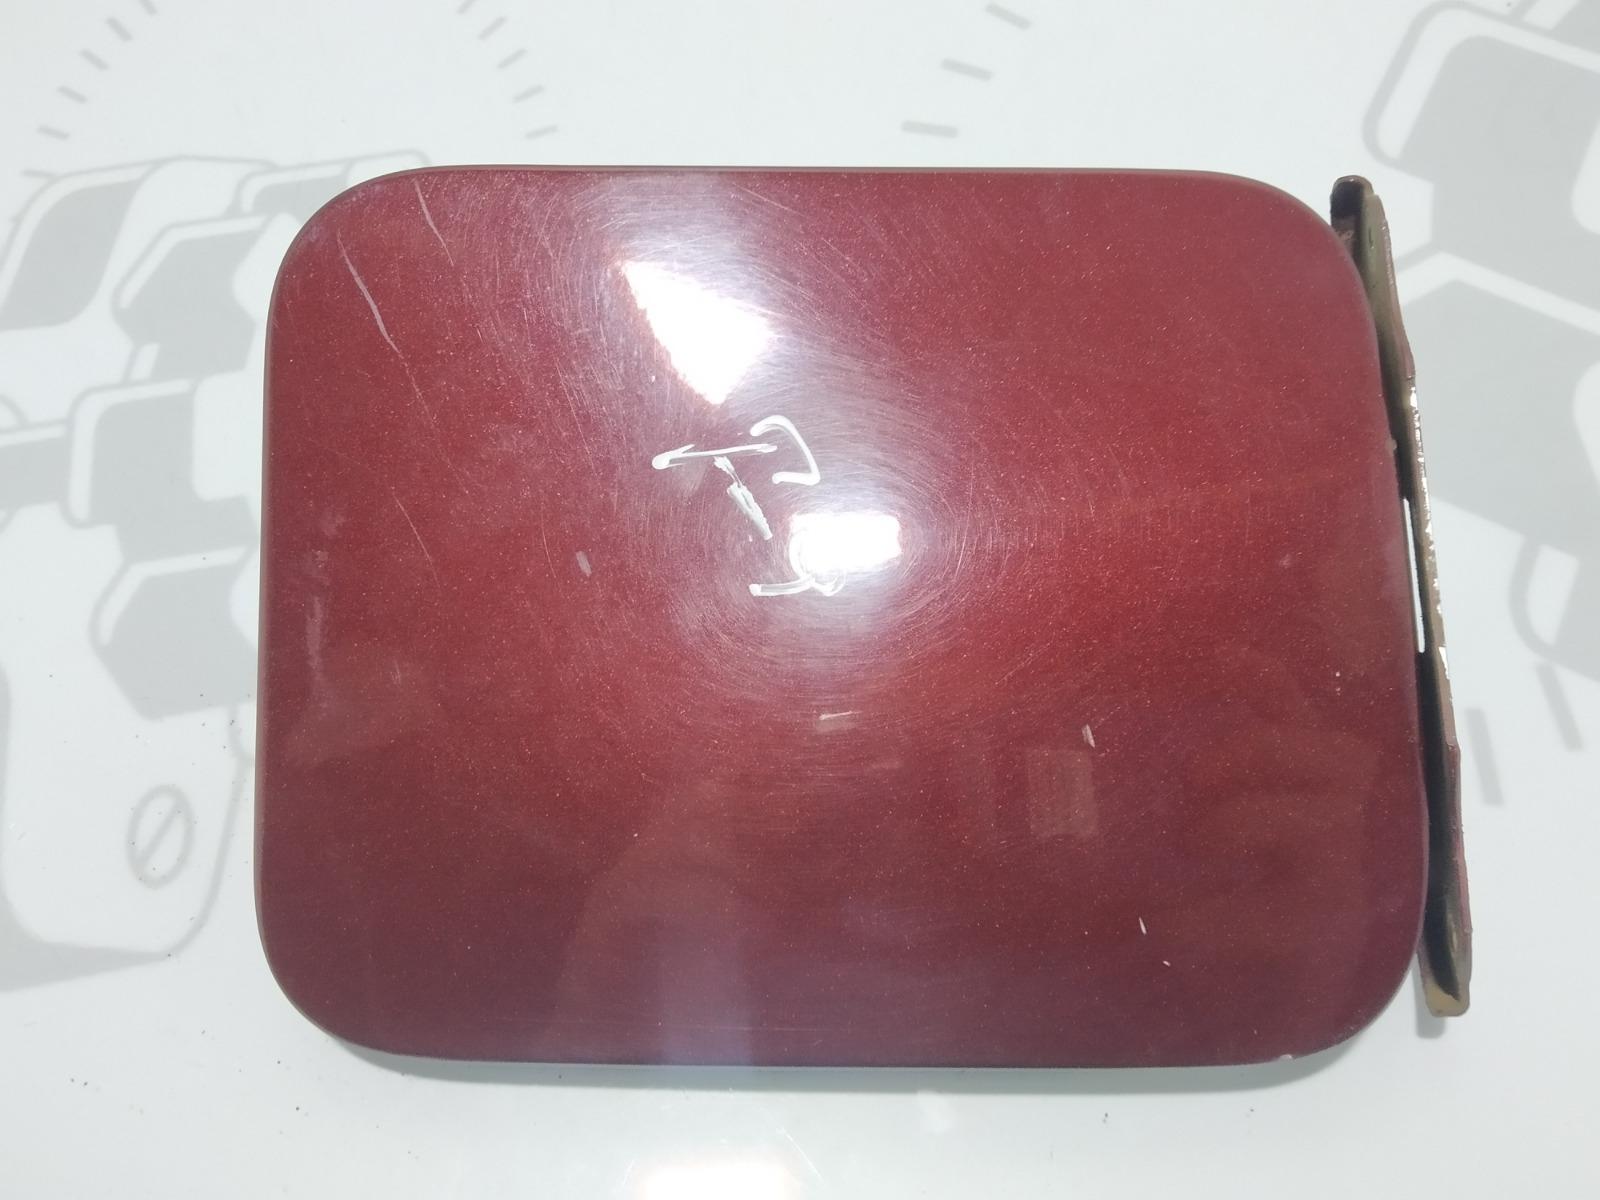 Лючок топливного бака Nissan Terrano 3.0 DI 2003 (б/у)